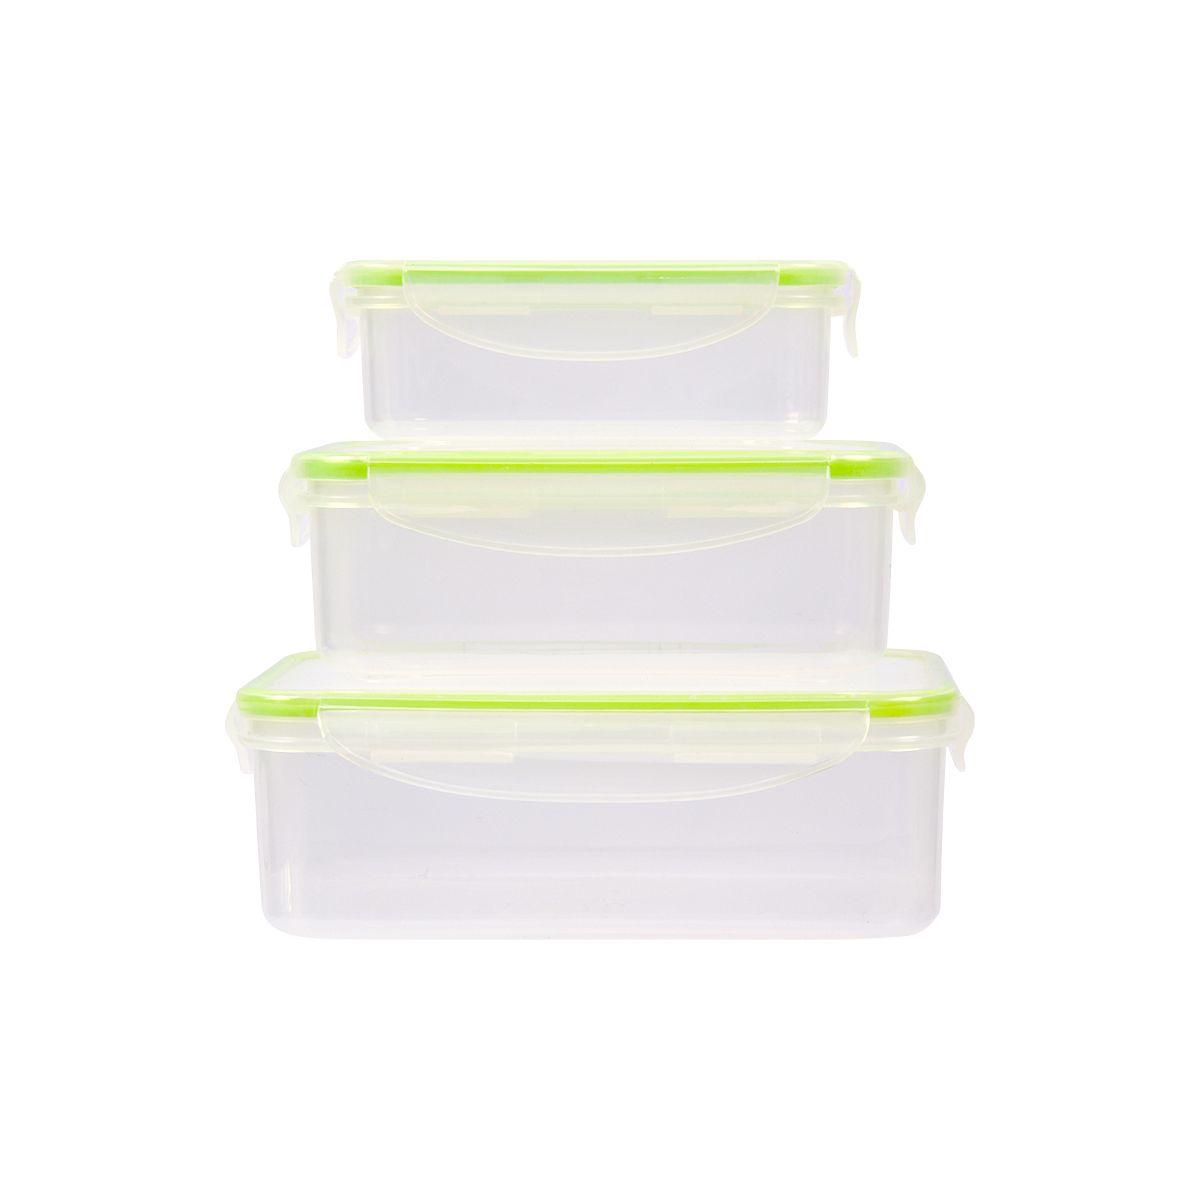 Boîte de conservation ESSENTIELB 3 boîtes plastiques rectangles